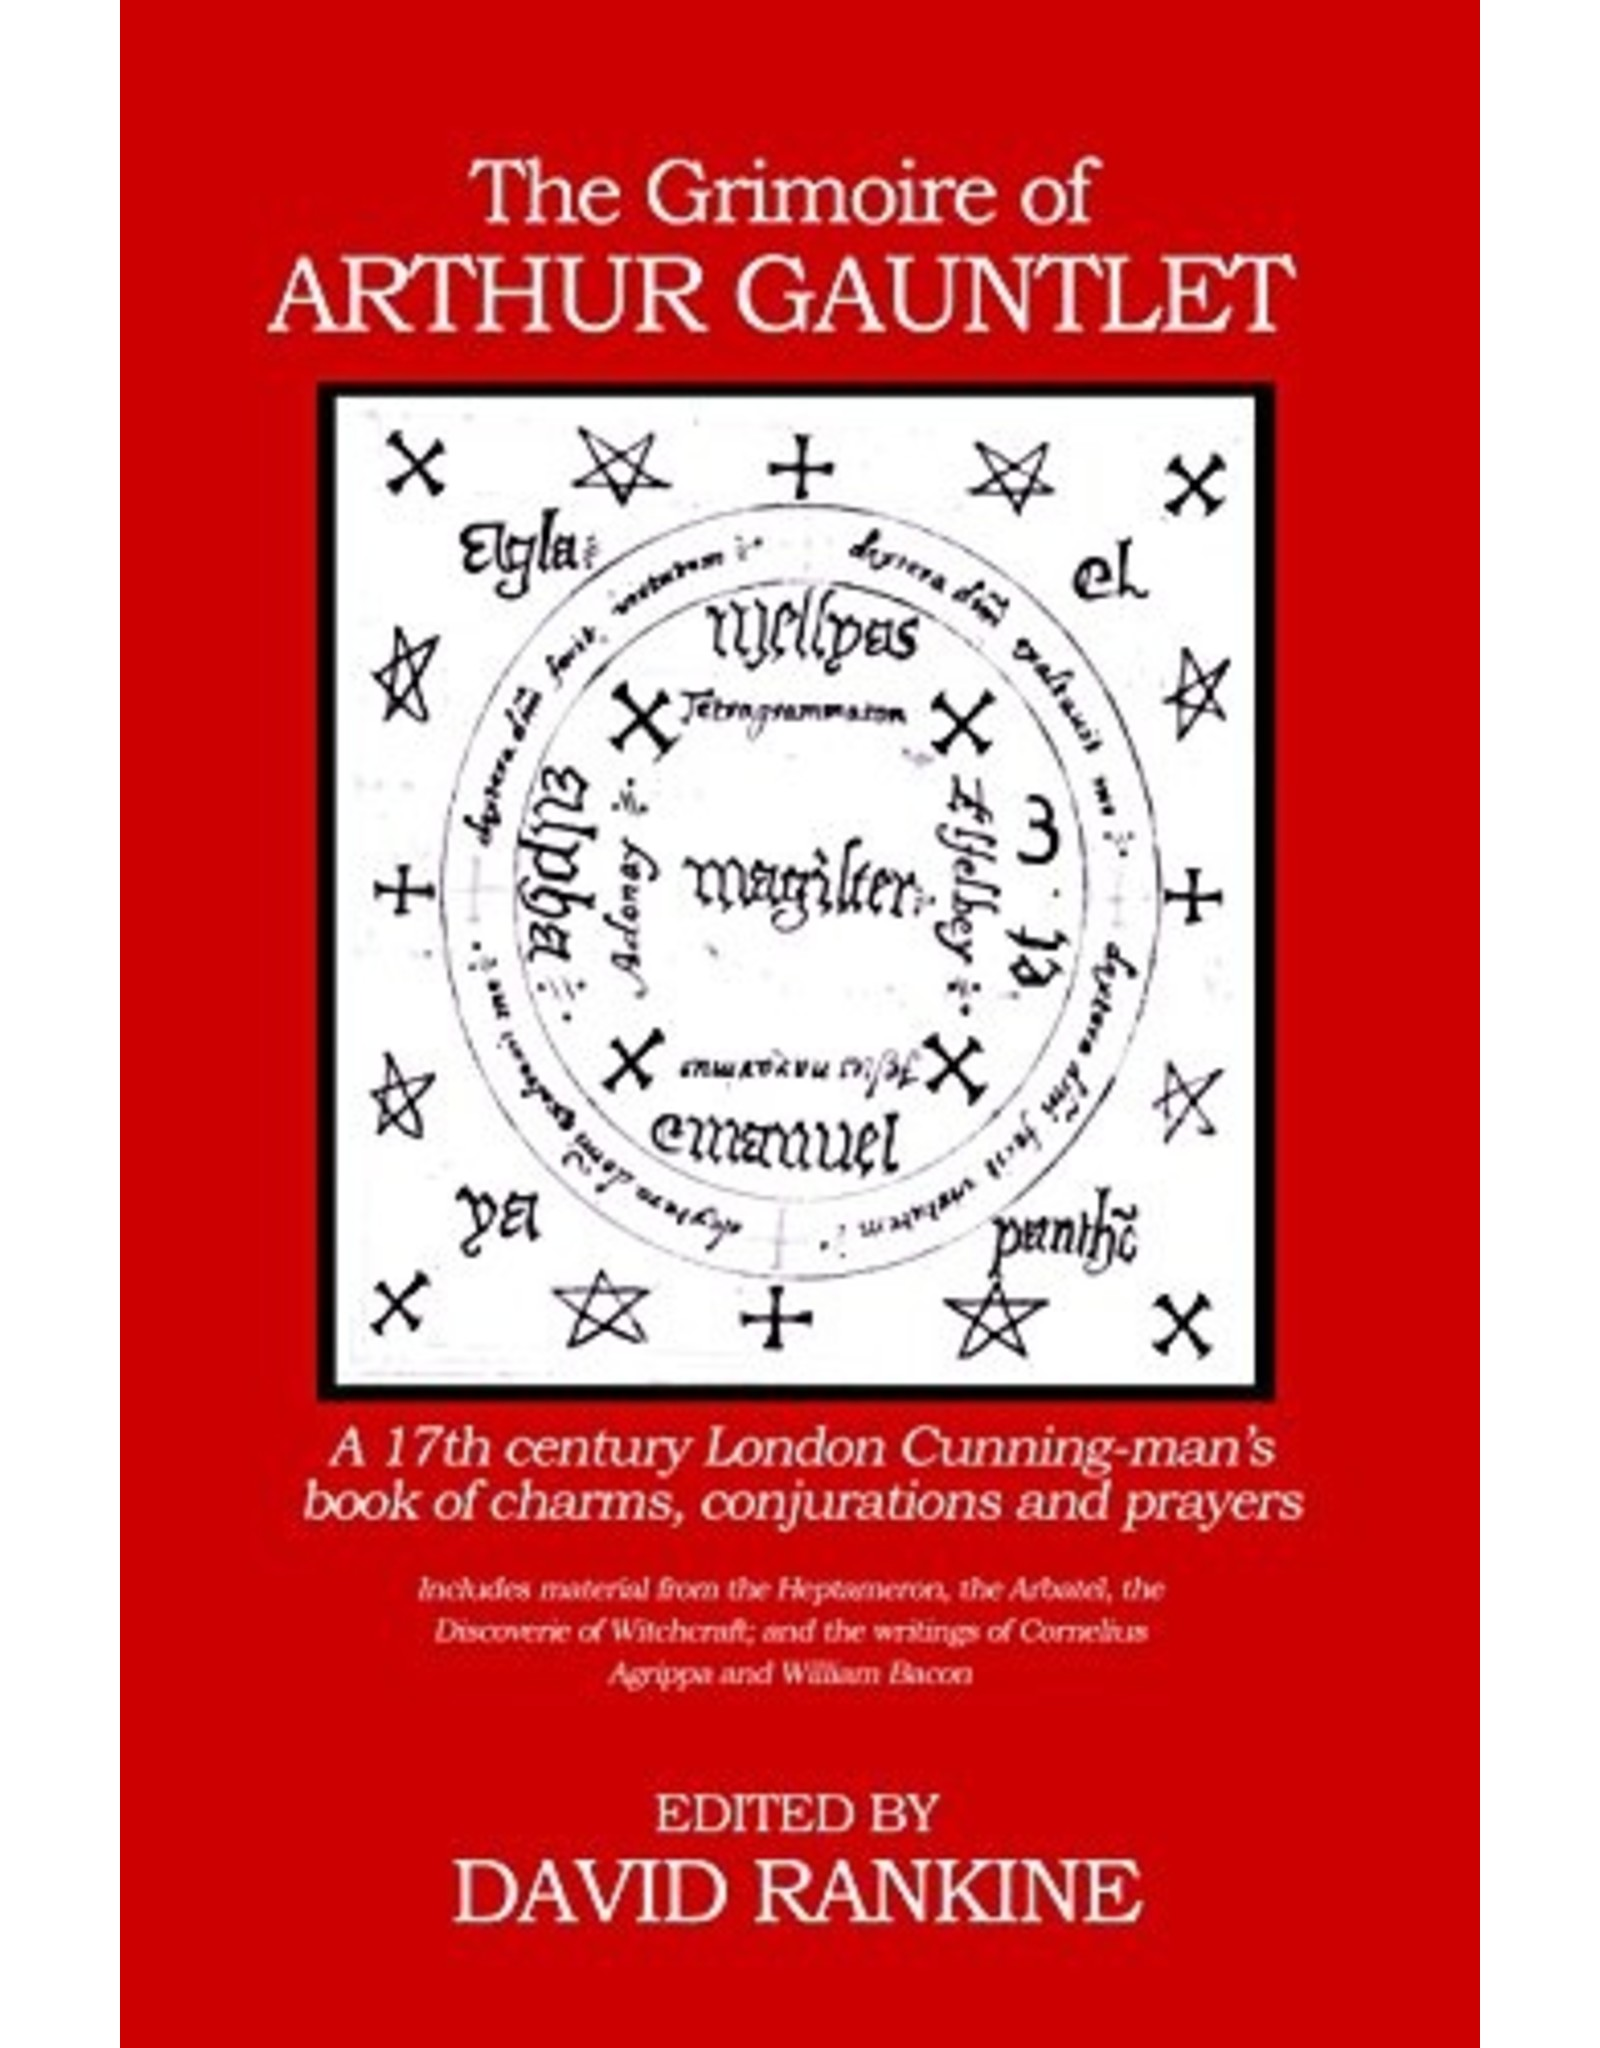 The Grimoire of Arthur Gauntlet